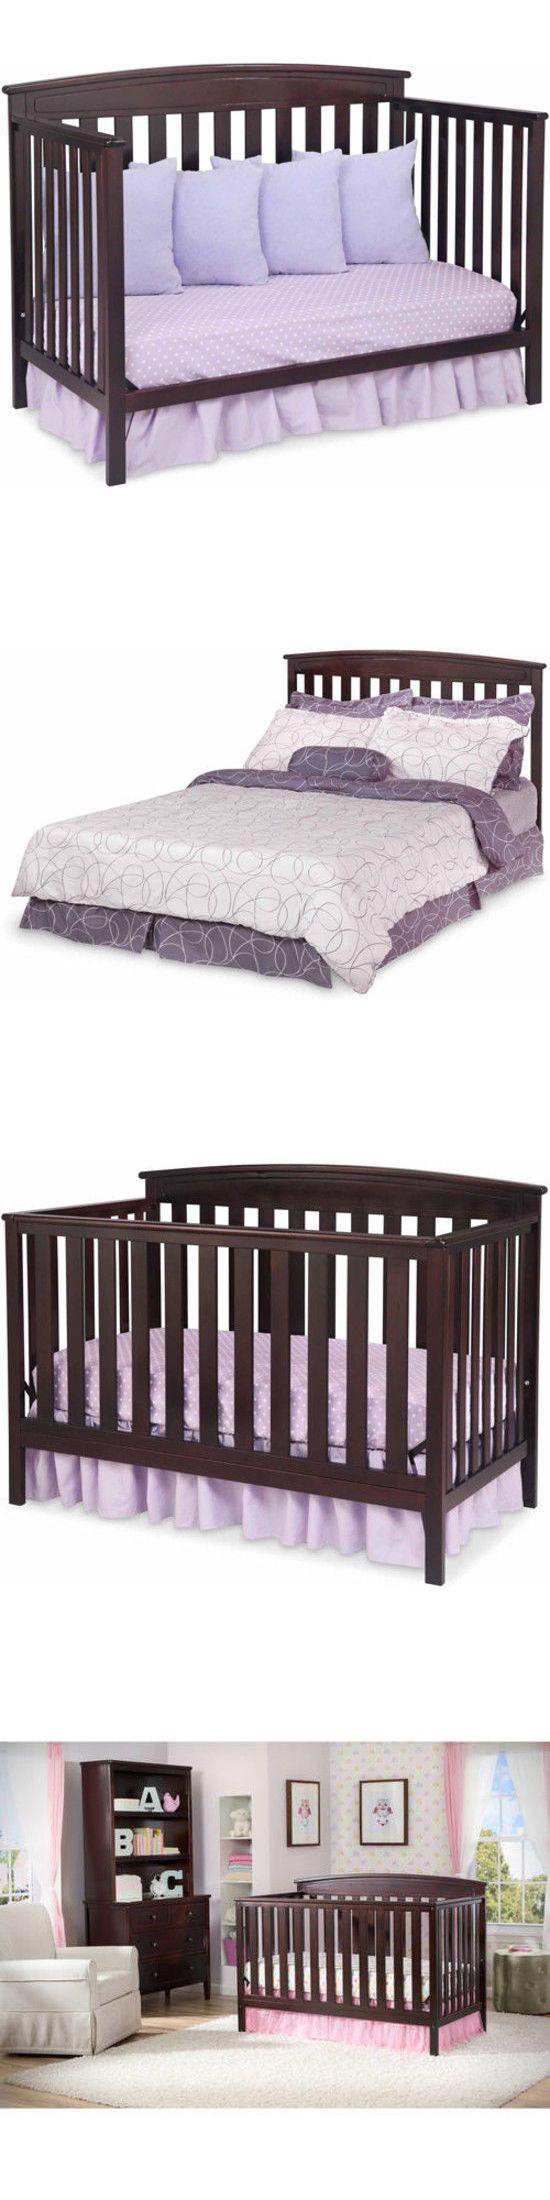 Baby Nursery: Delta Children Gateway 4-In-1 Convertible Crib Dark Chocolate Brown -> BUY IT NOW ONLY: $139.23 on eBay!